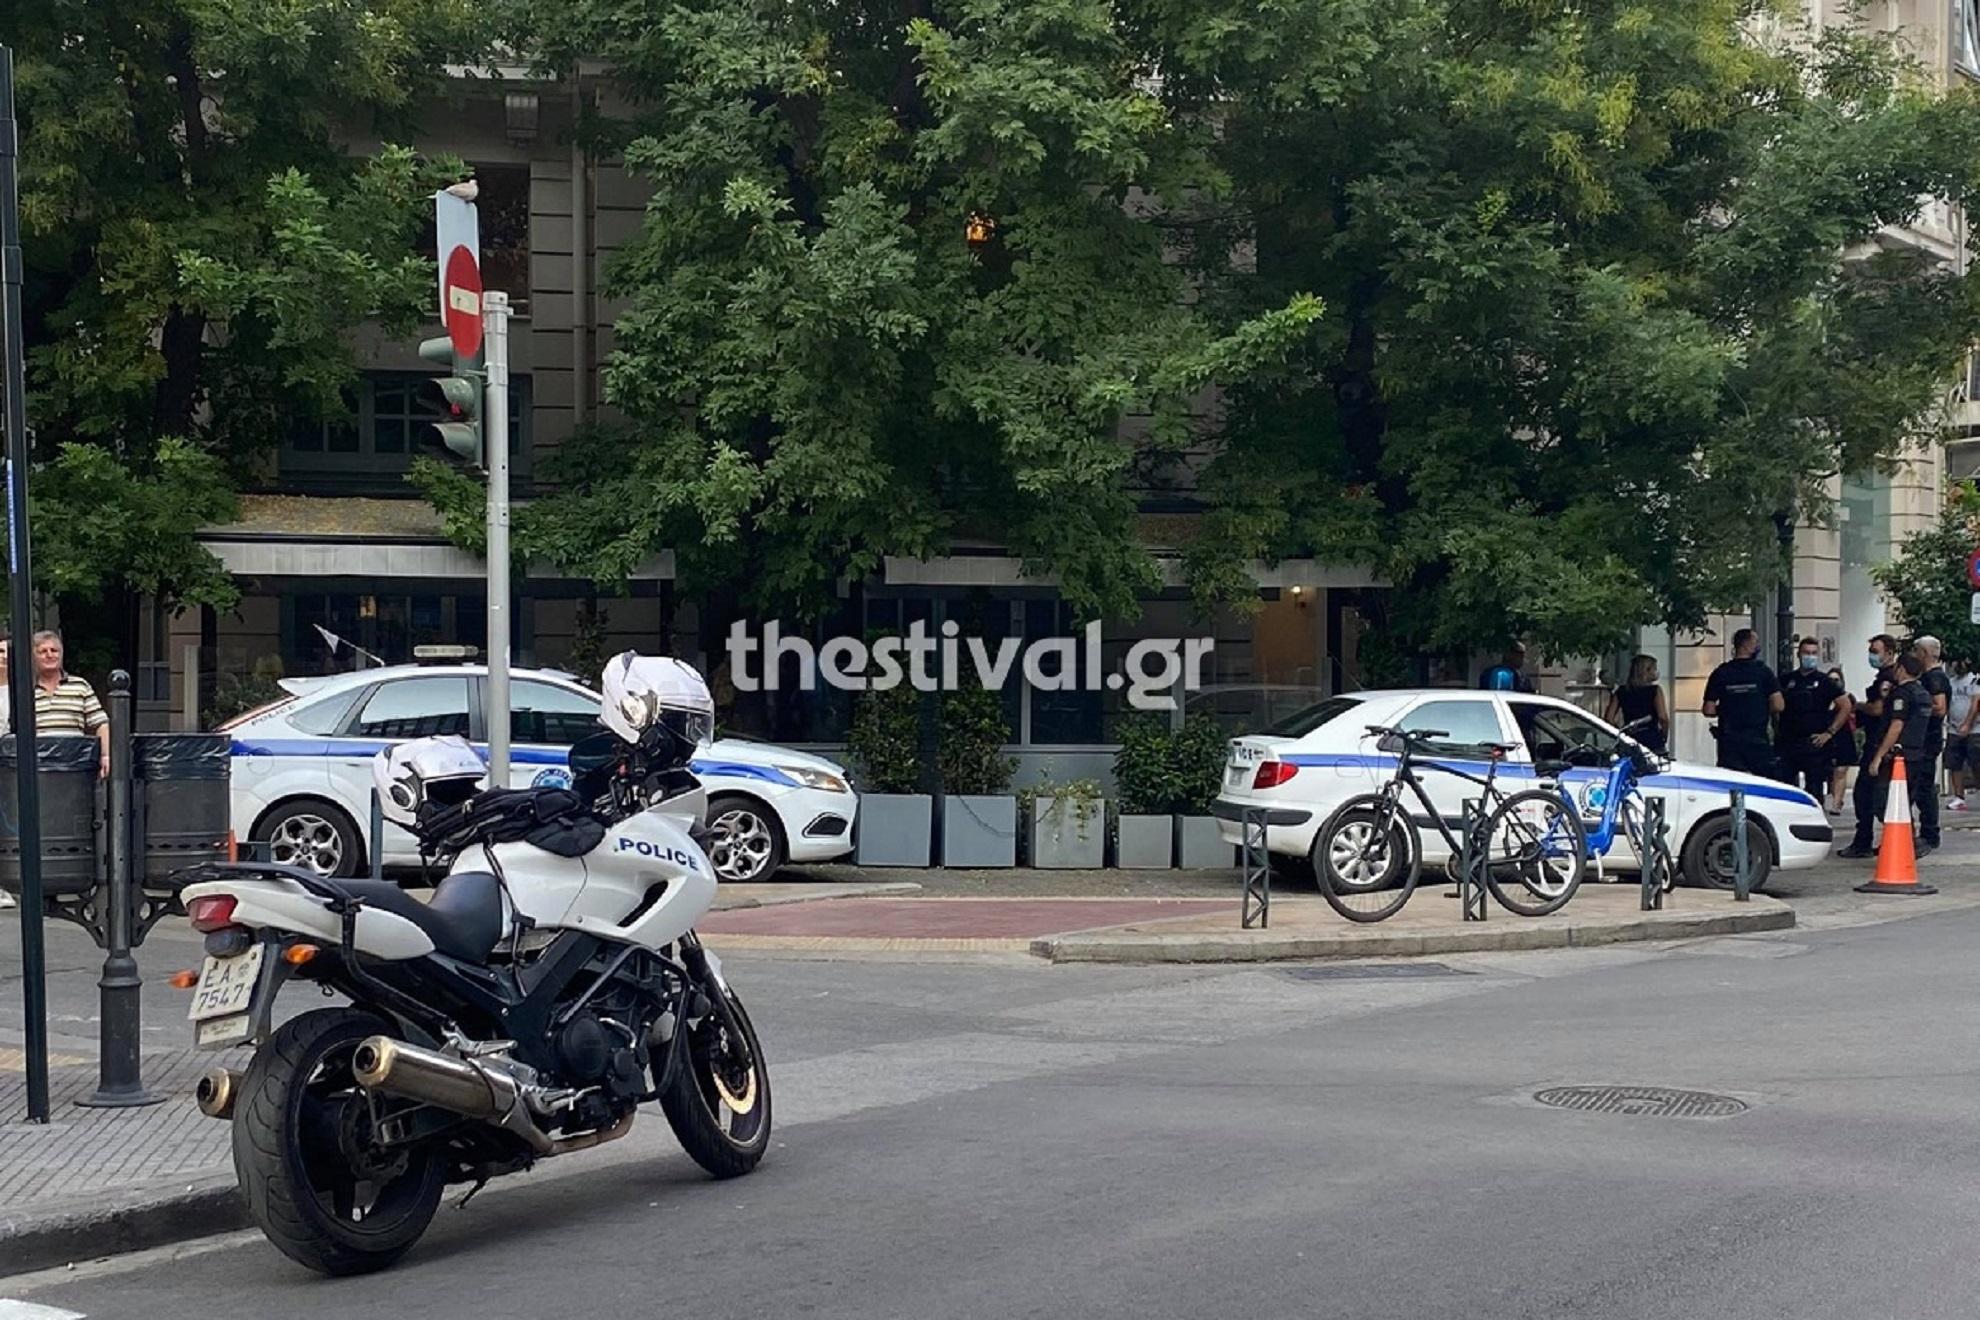 Συναγερμός στη Θεσσαλονίκη: Έστειλαν email για τοποθέτηση βόμβας σε τρία ξενοδοχεία